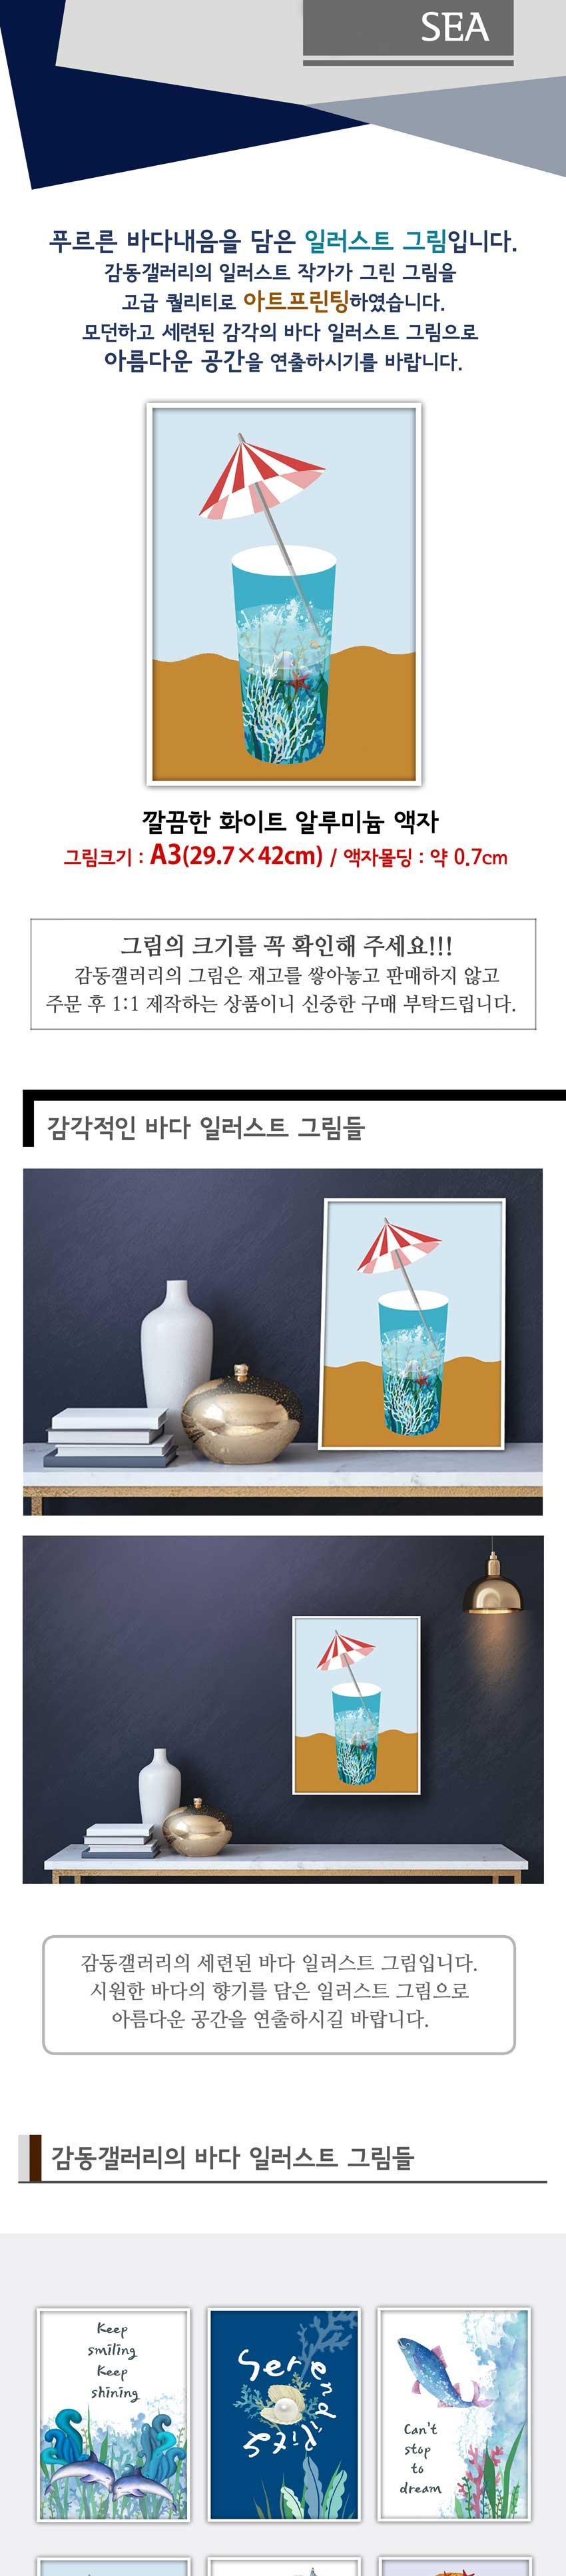 바다그림 일러스트 그림 액자 인테리어액자 A3whAL4  사진인테리어액자 풍경벽걸이액자 풍경액자 사진액자 꾸미기액자